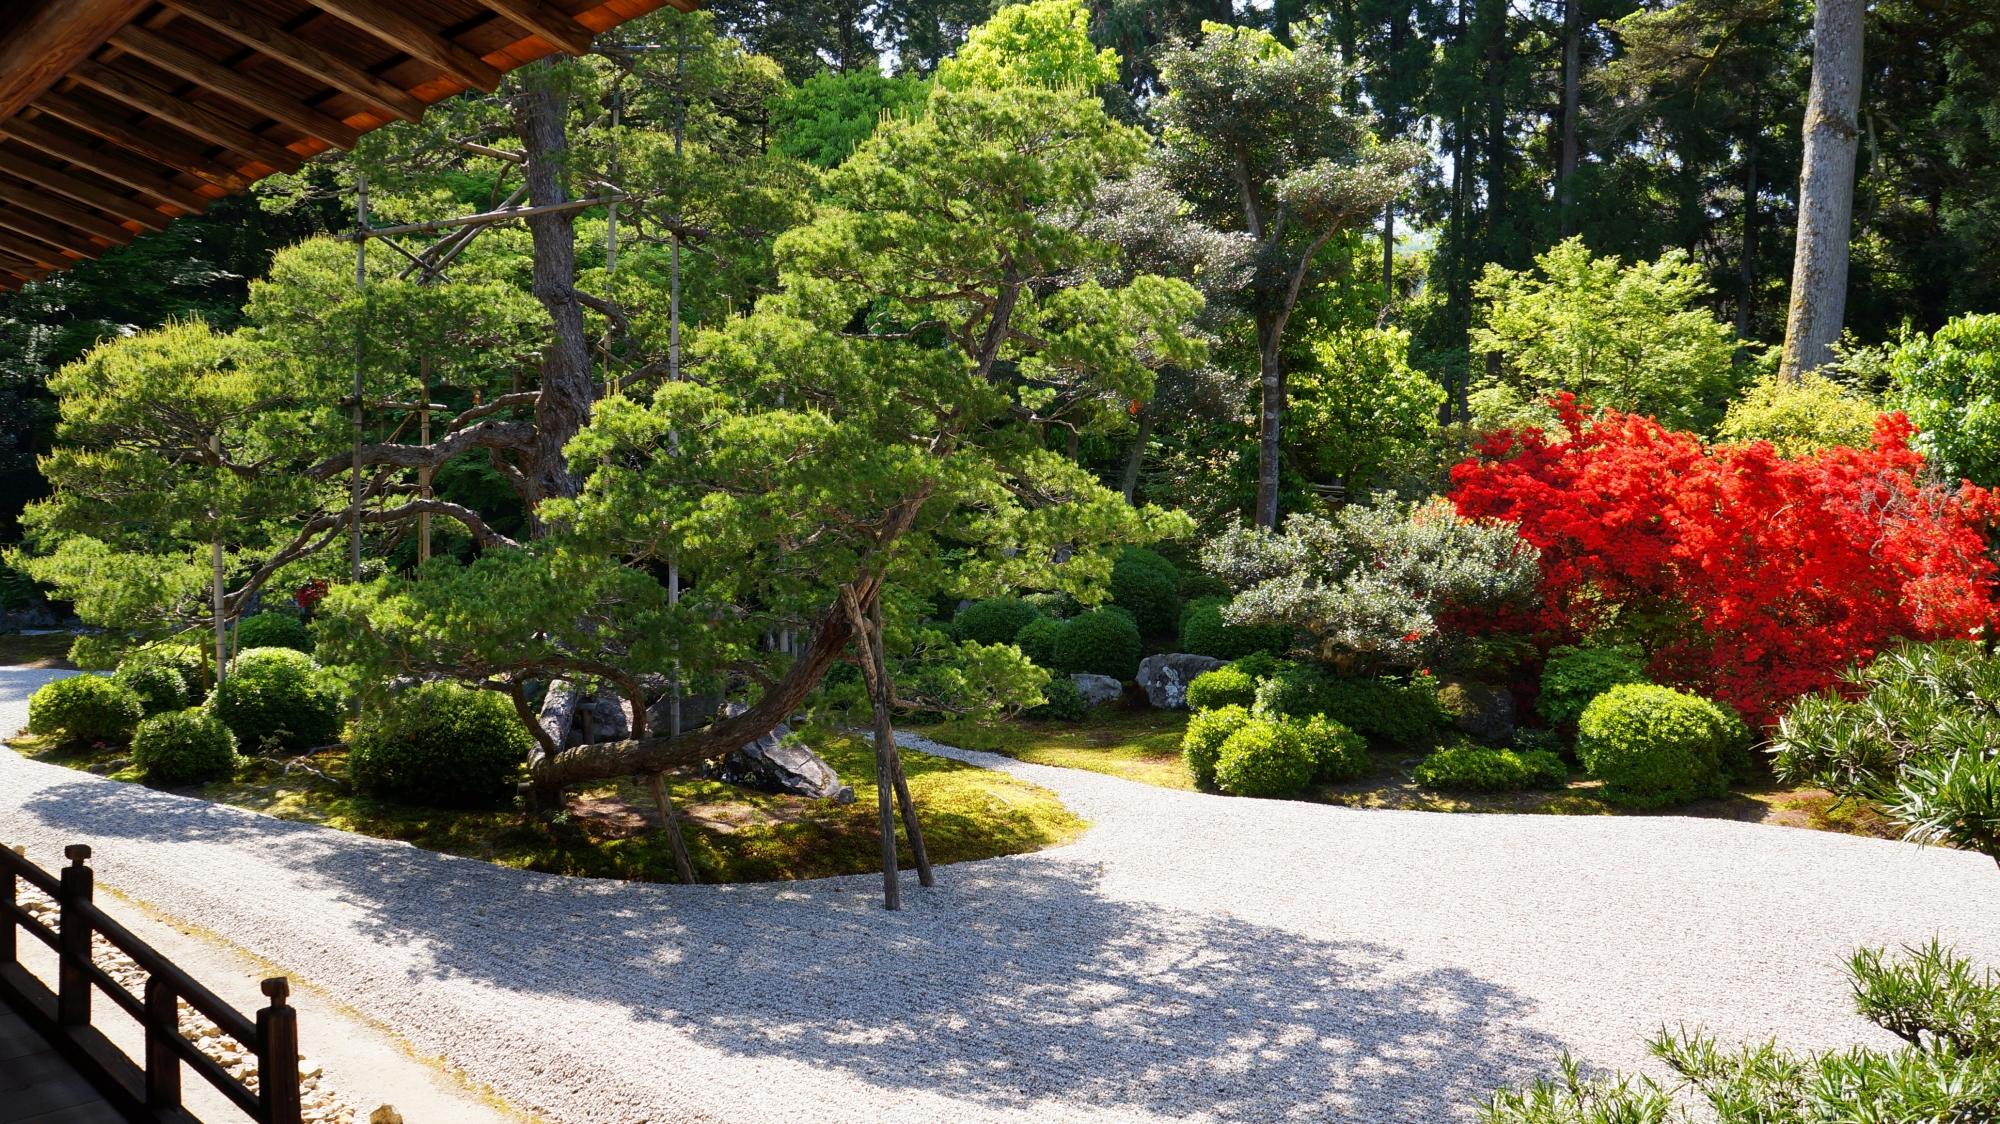 庭園の立派な松と鮮烈な赤さのキリシマツツジ